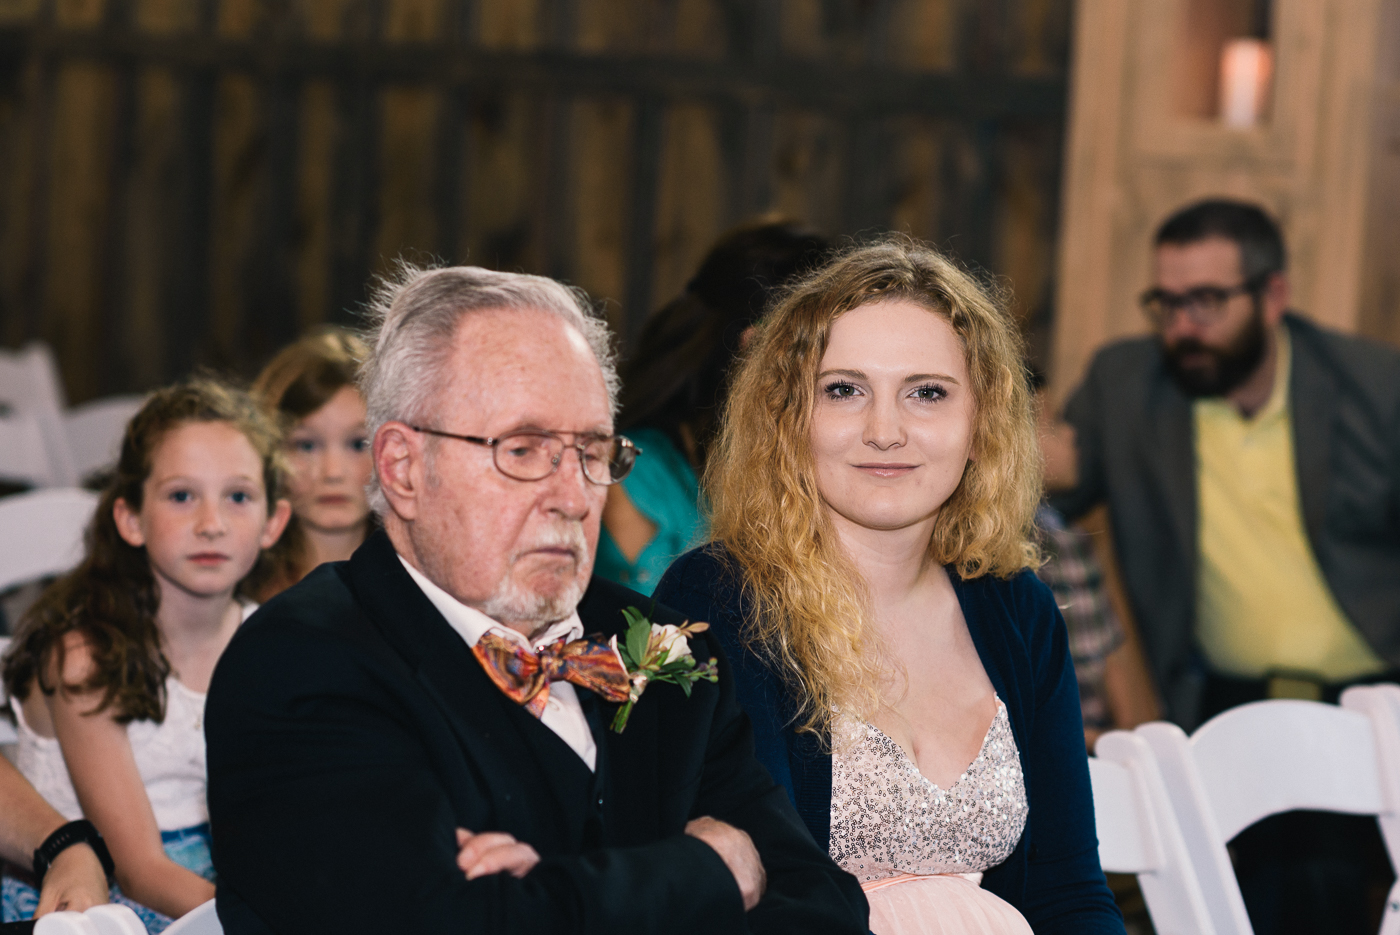 grandpa cousin wedding boutonniere